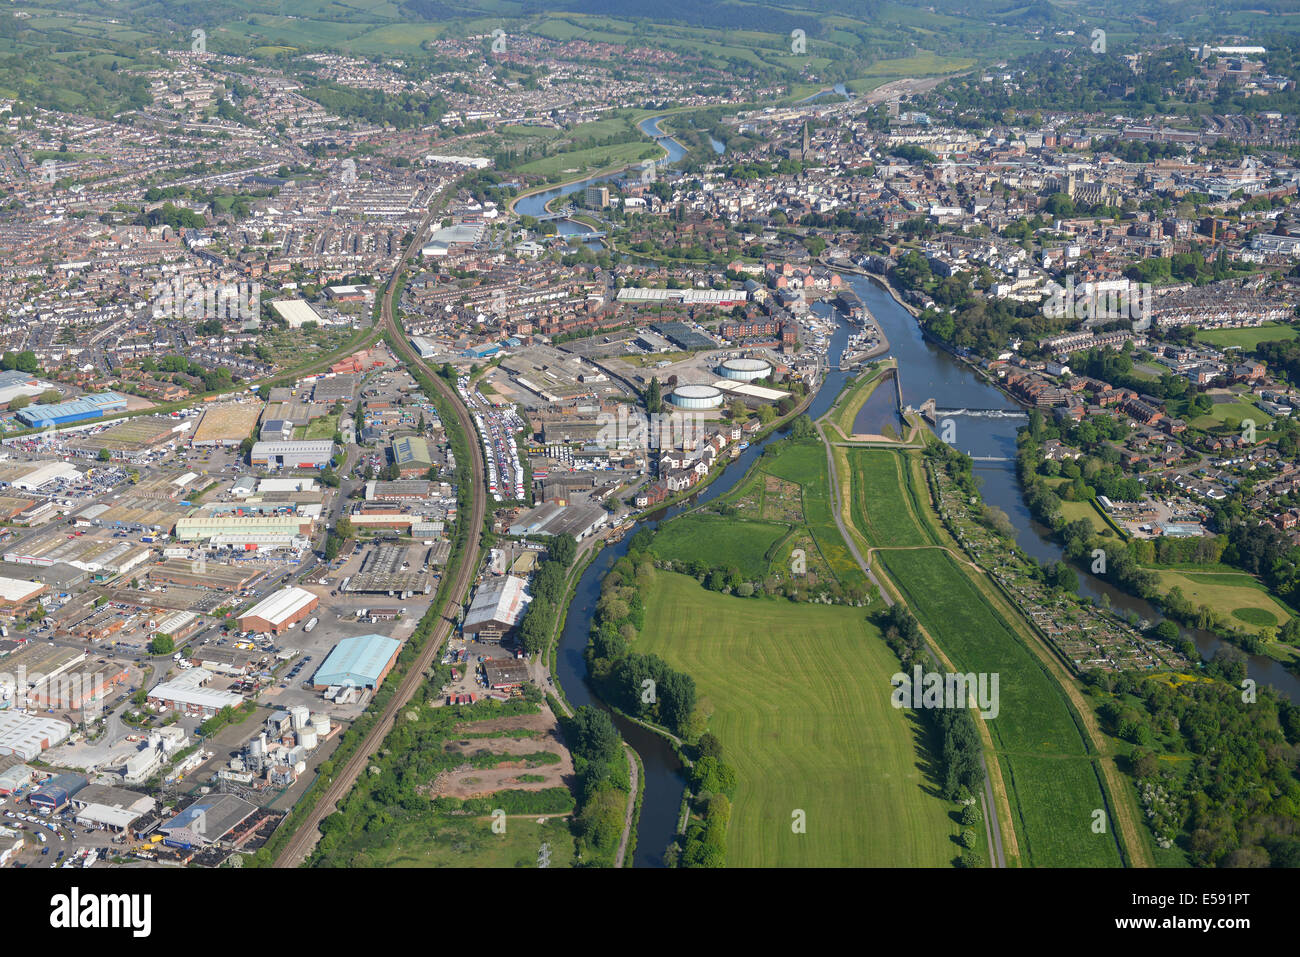 Une vue aérienne Vue vers le nord le long de la rivière Exe vers le centre-ville d'Exeter dans le Devon, UK Banque D'Images